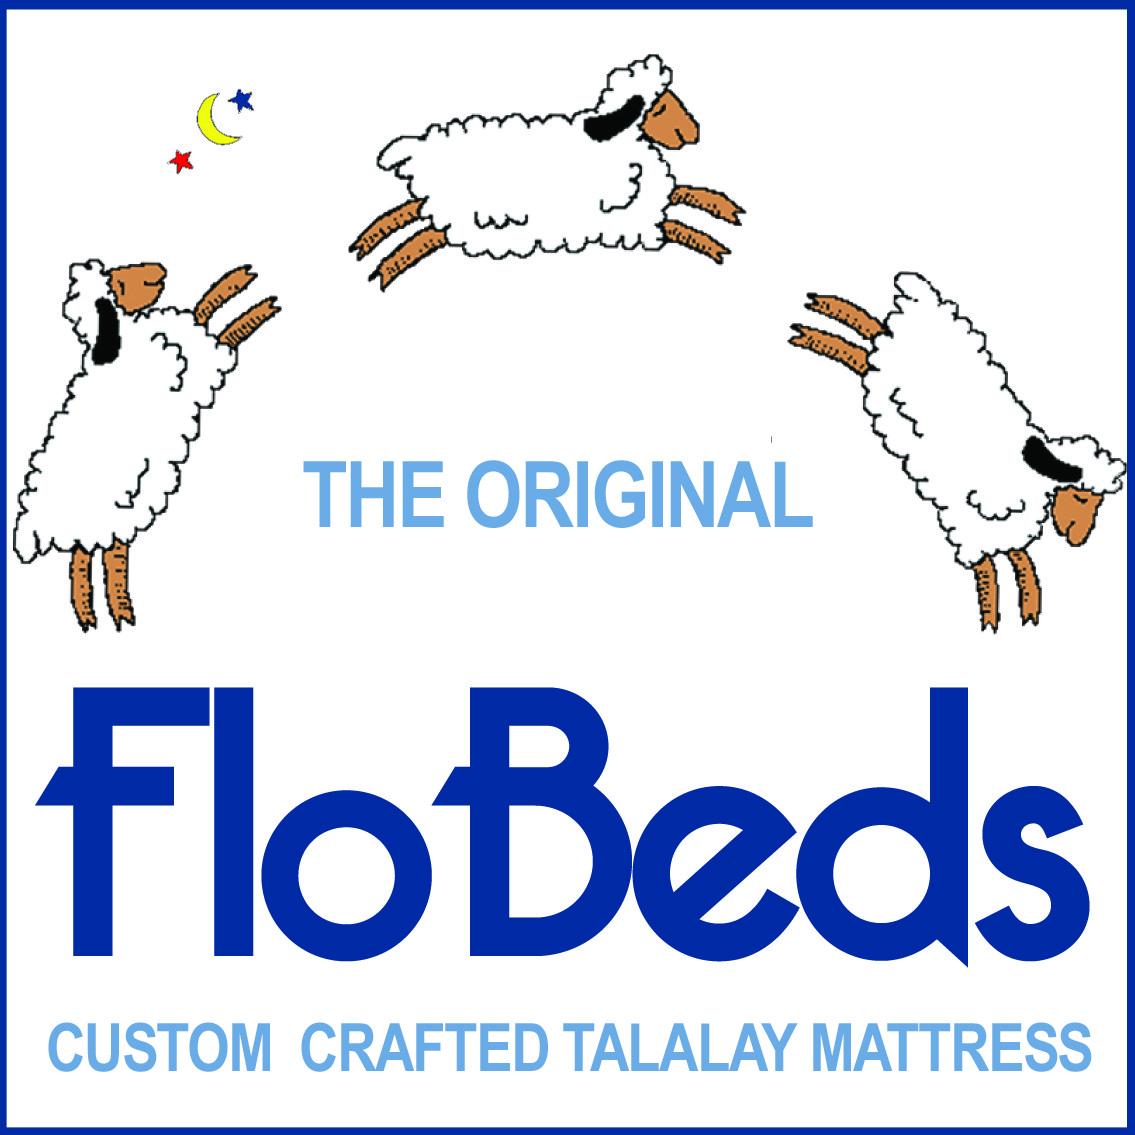 custom crafted talalay mattress